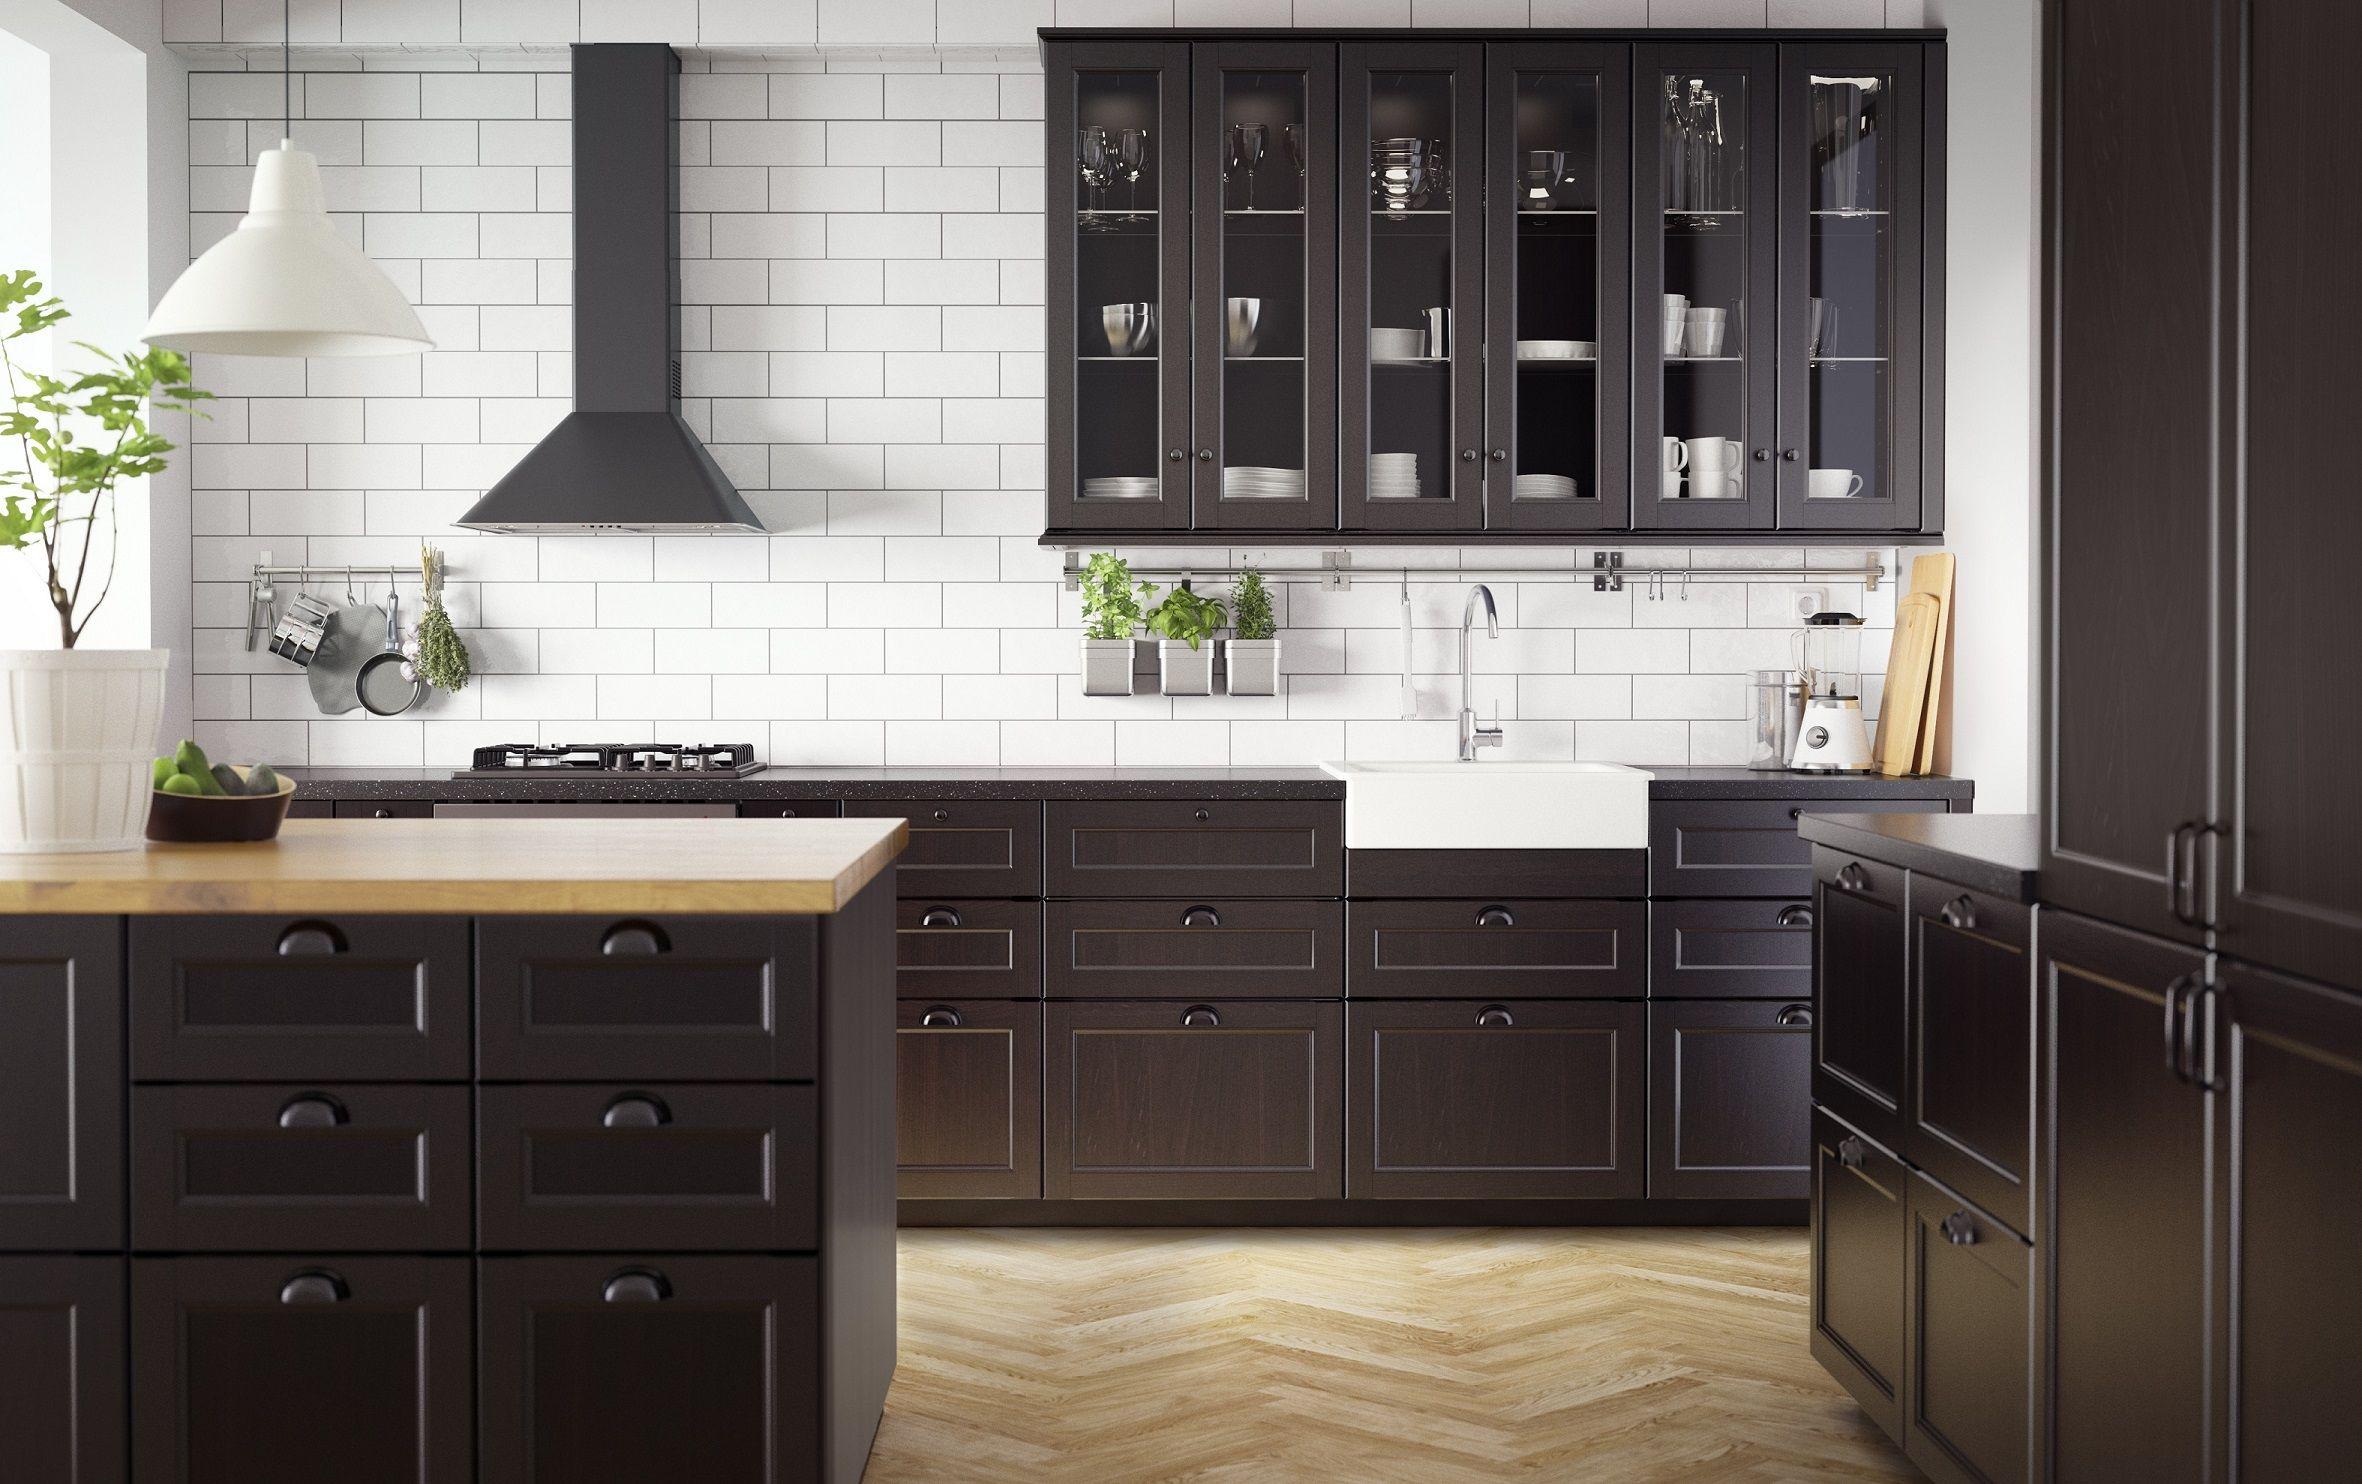 Keuken Ikea Open : Metod keuken ikea ikeanl donker traditioneel keukensysteem